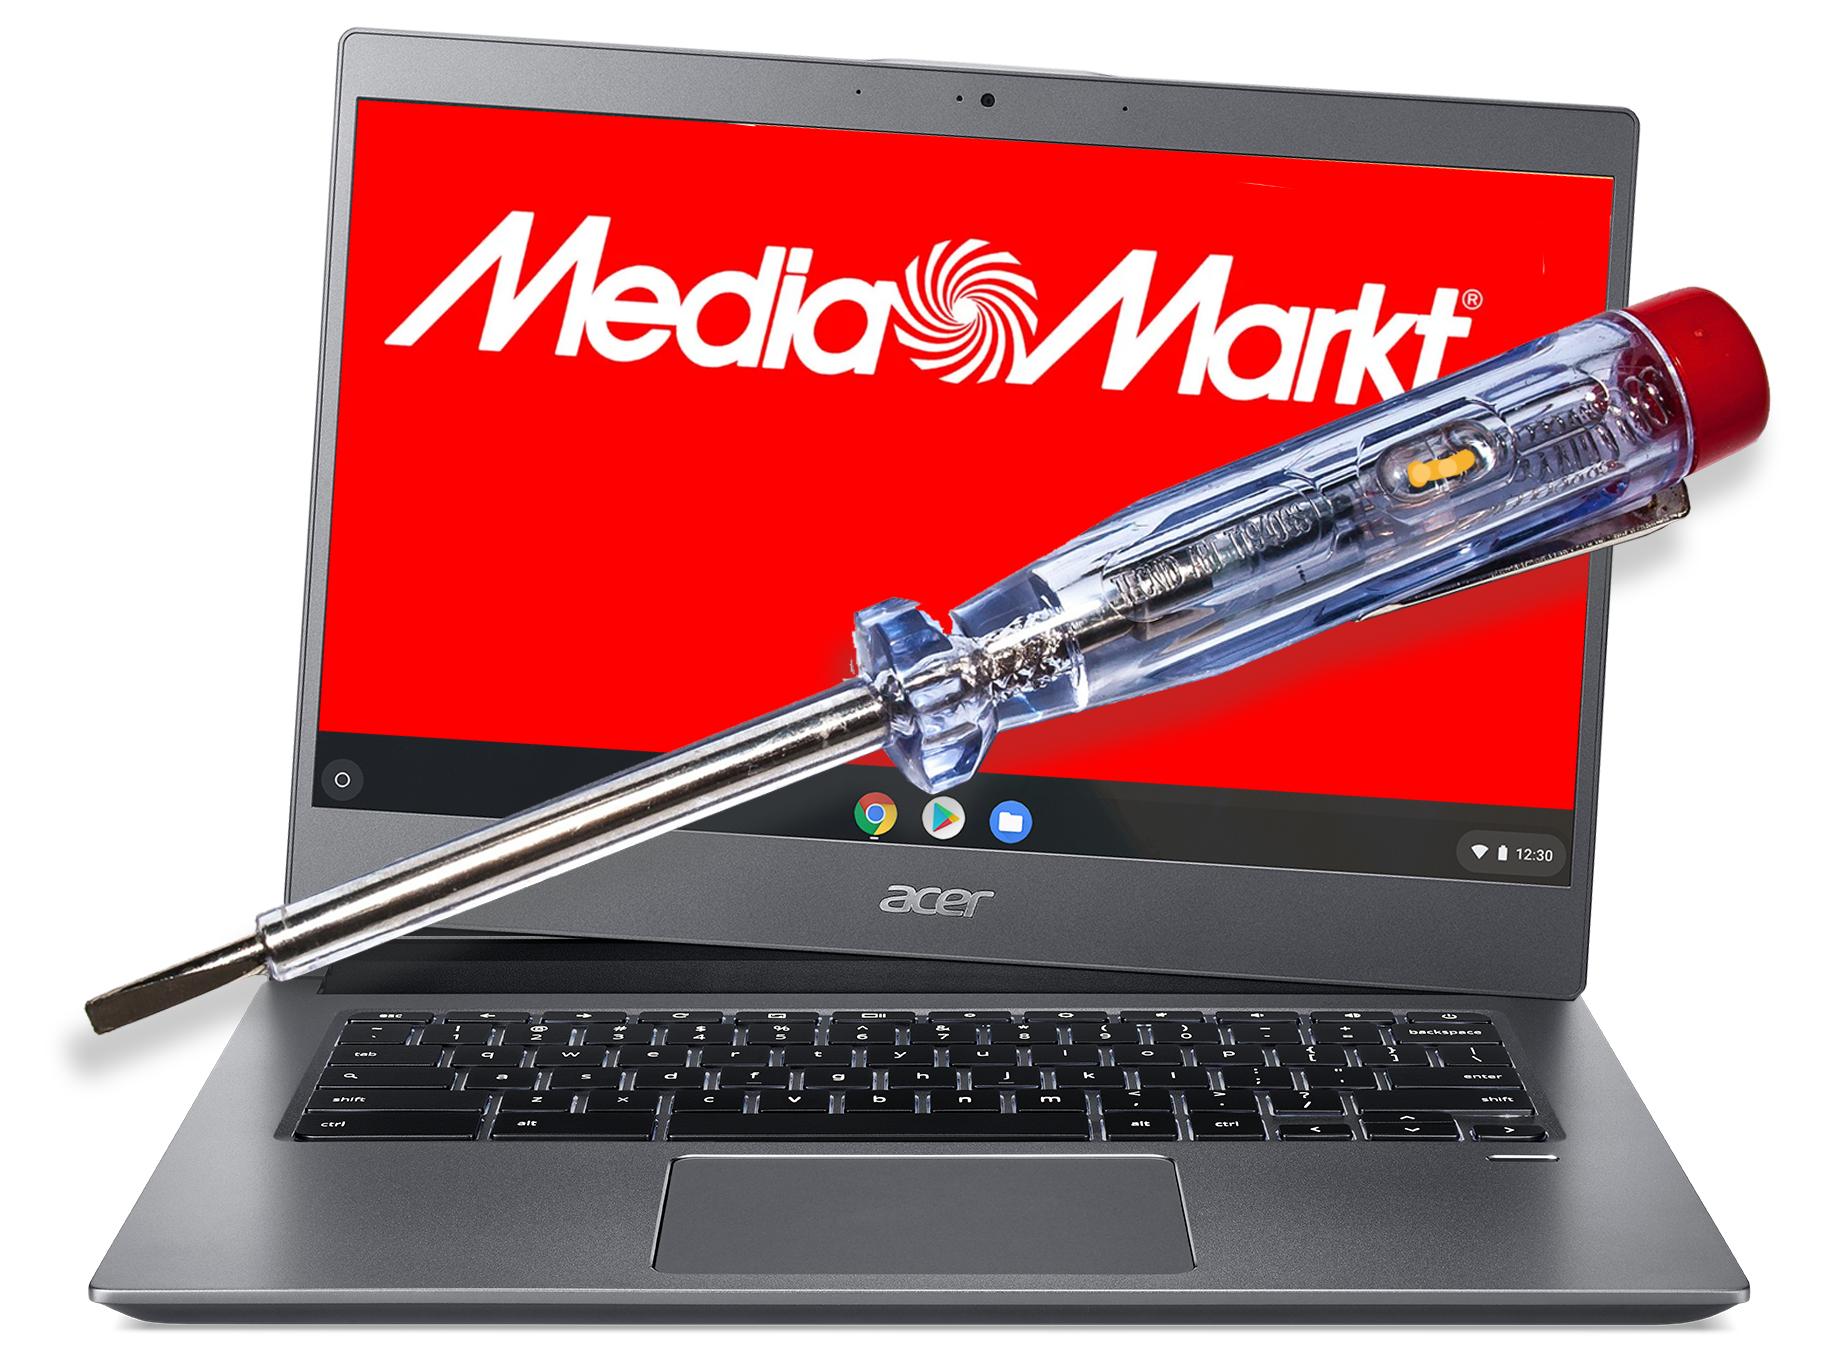 Laptop Van Mediamarkt Valt Zomaar Uit Elkaar Gooieneemlander